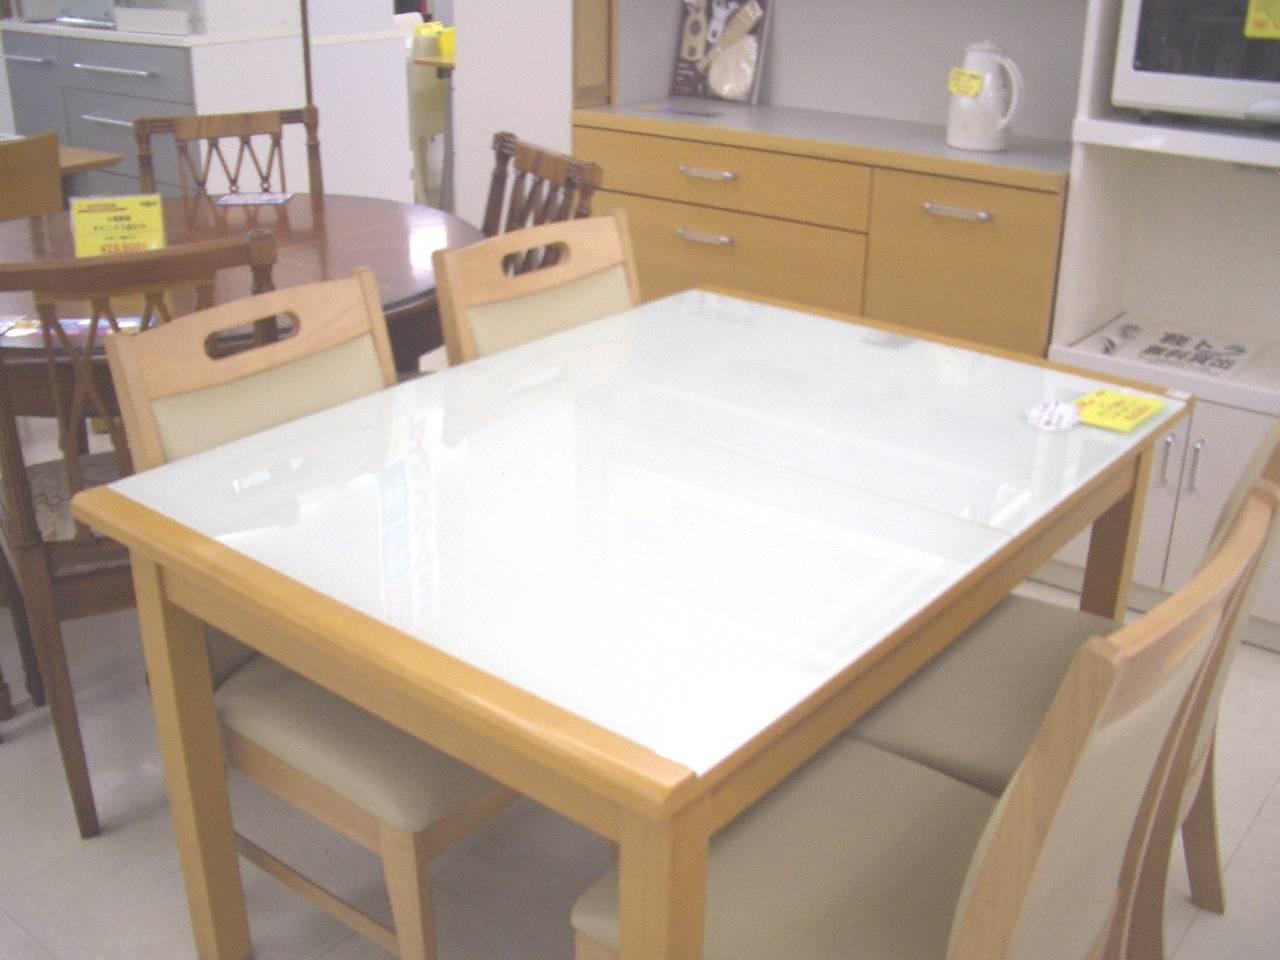 最新中古家具情報!!ニトリ・ダイニングテーブルが入荷しました。。。モダン...